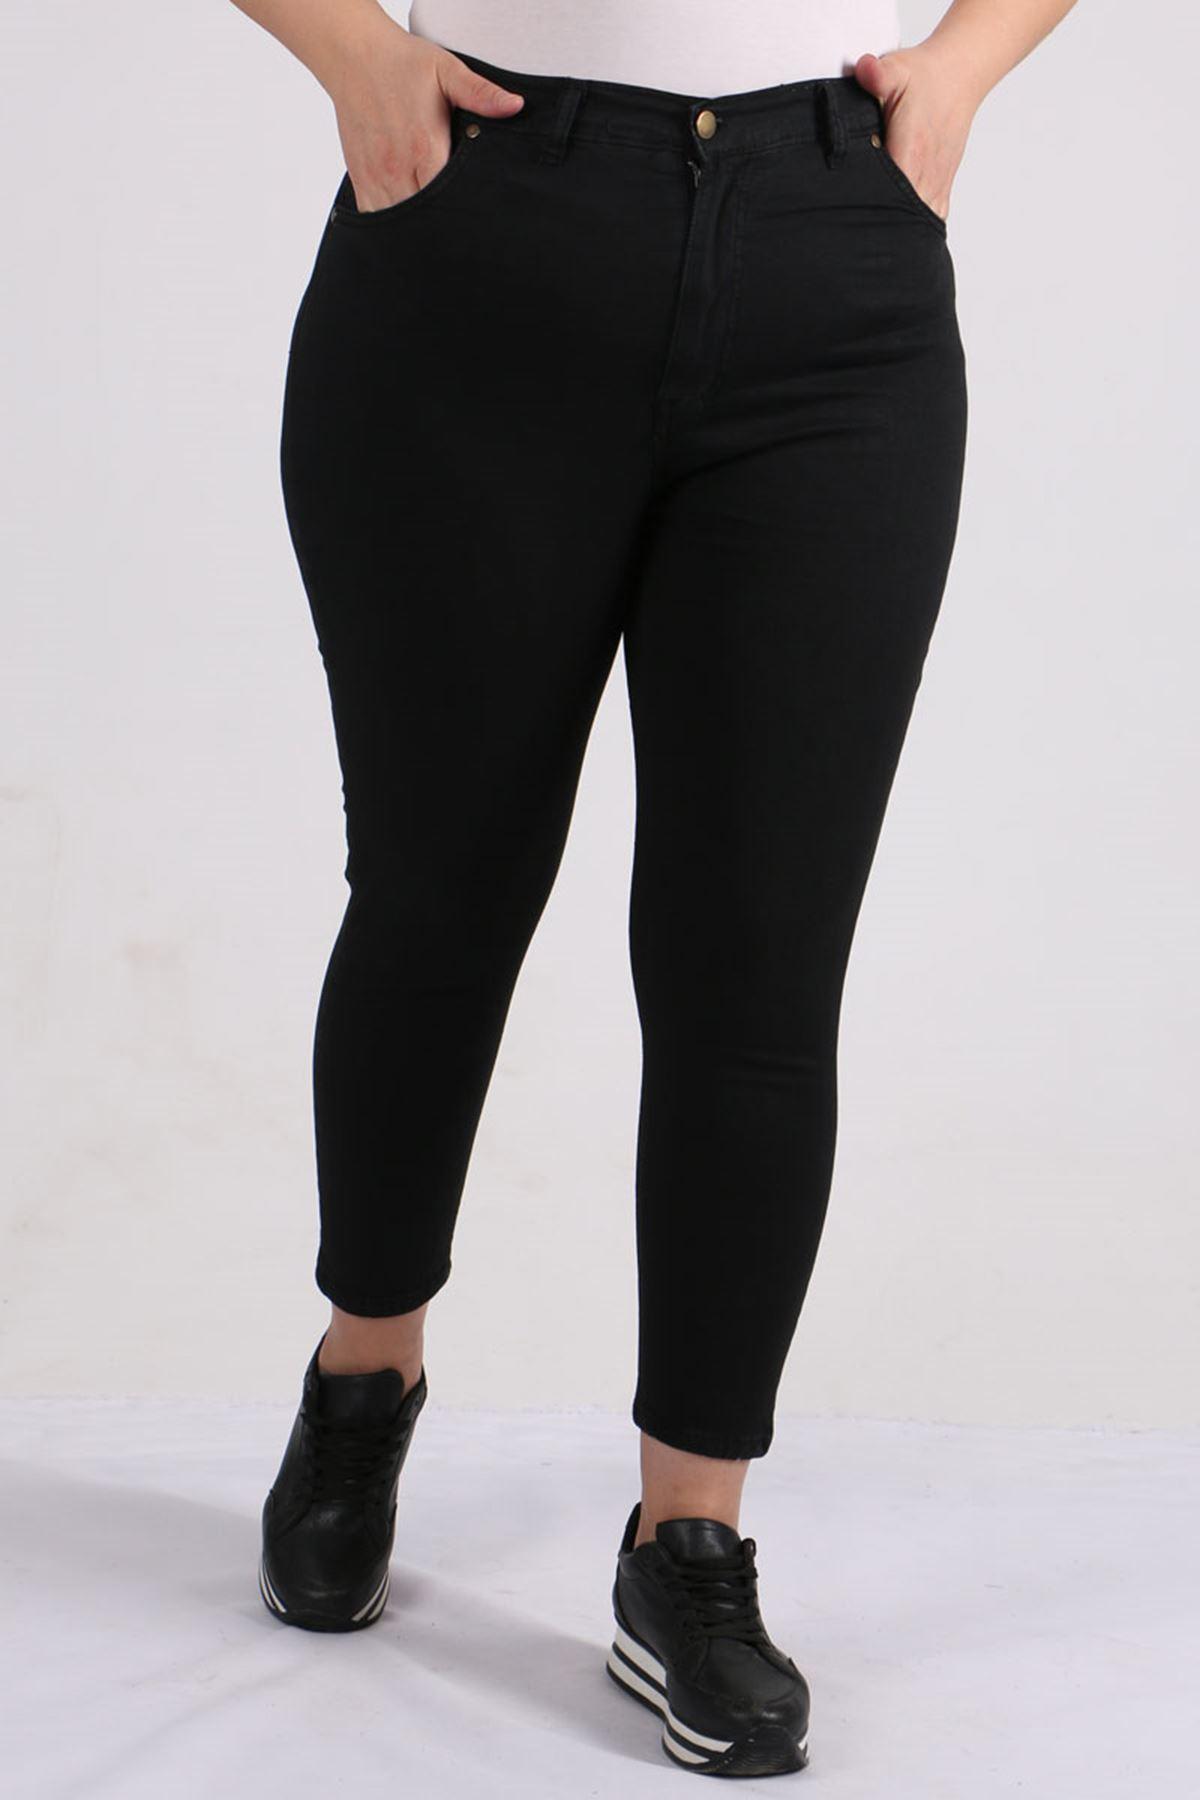 9115 Plus Size Skinny Leg Pants - Black